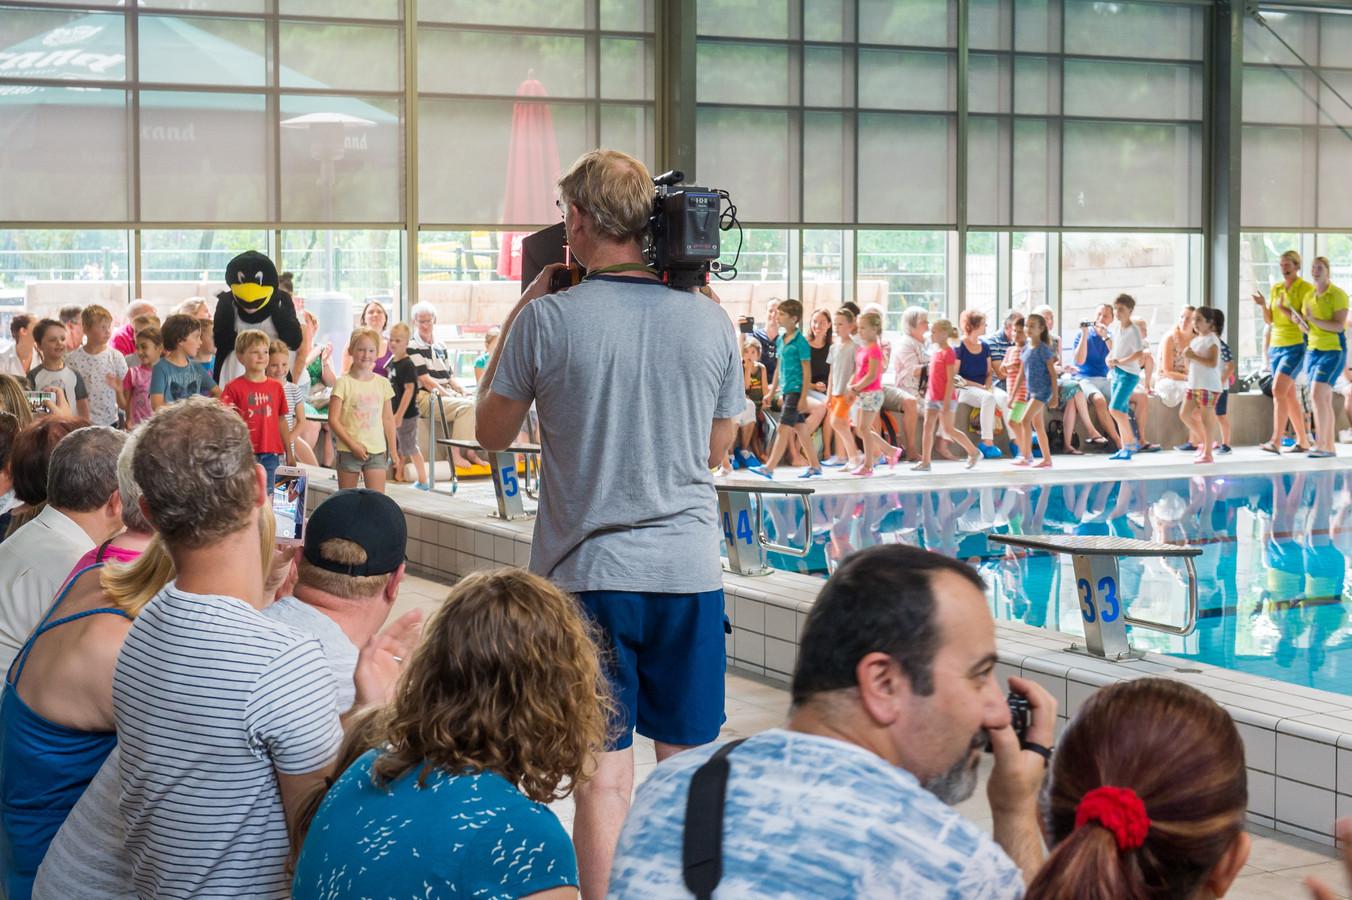 Afzwemmen bij Warande in Oosterhout. CBS uit Amerika maakte in juni 2018 opnames voor de documentaire 60 Minutes.